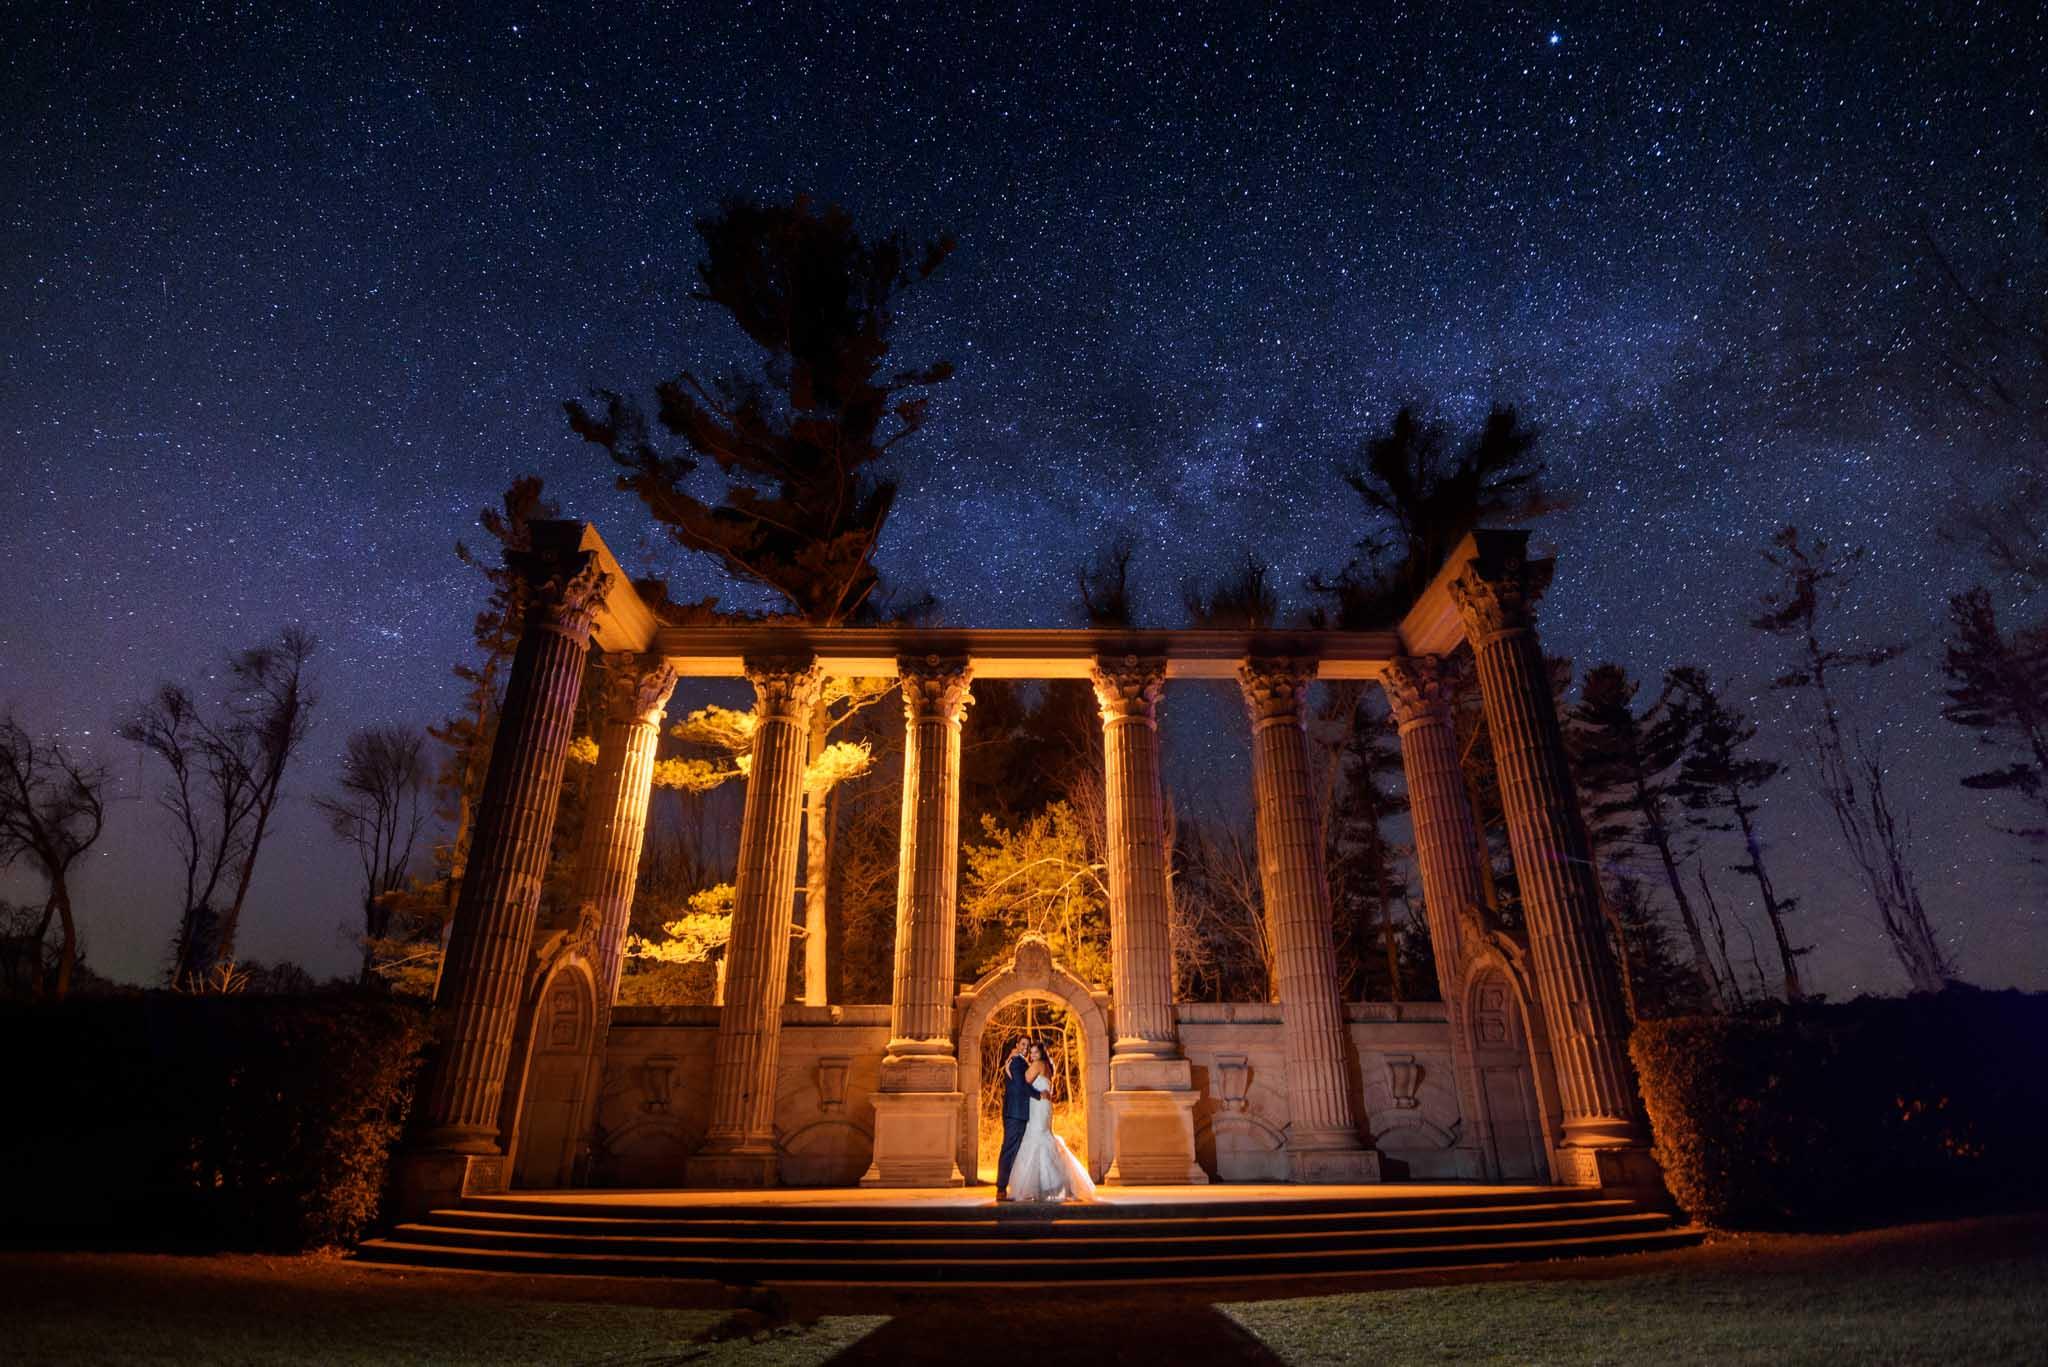 Guild inn estate mississauga wedding photographer night photography scarborough wedding photographer toronto wedding photographer wedding photographer